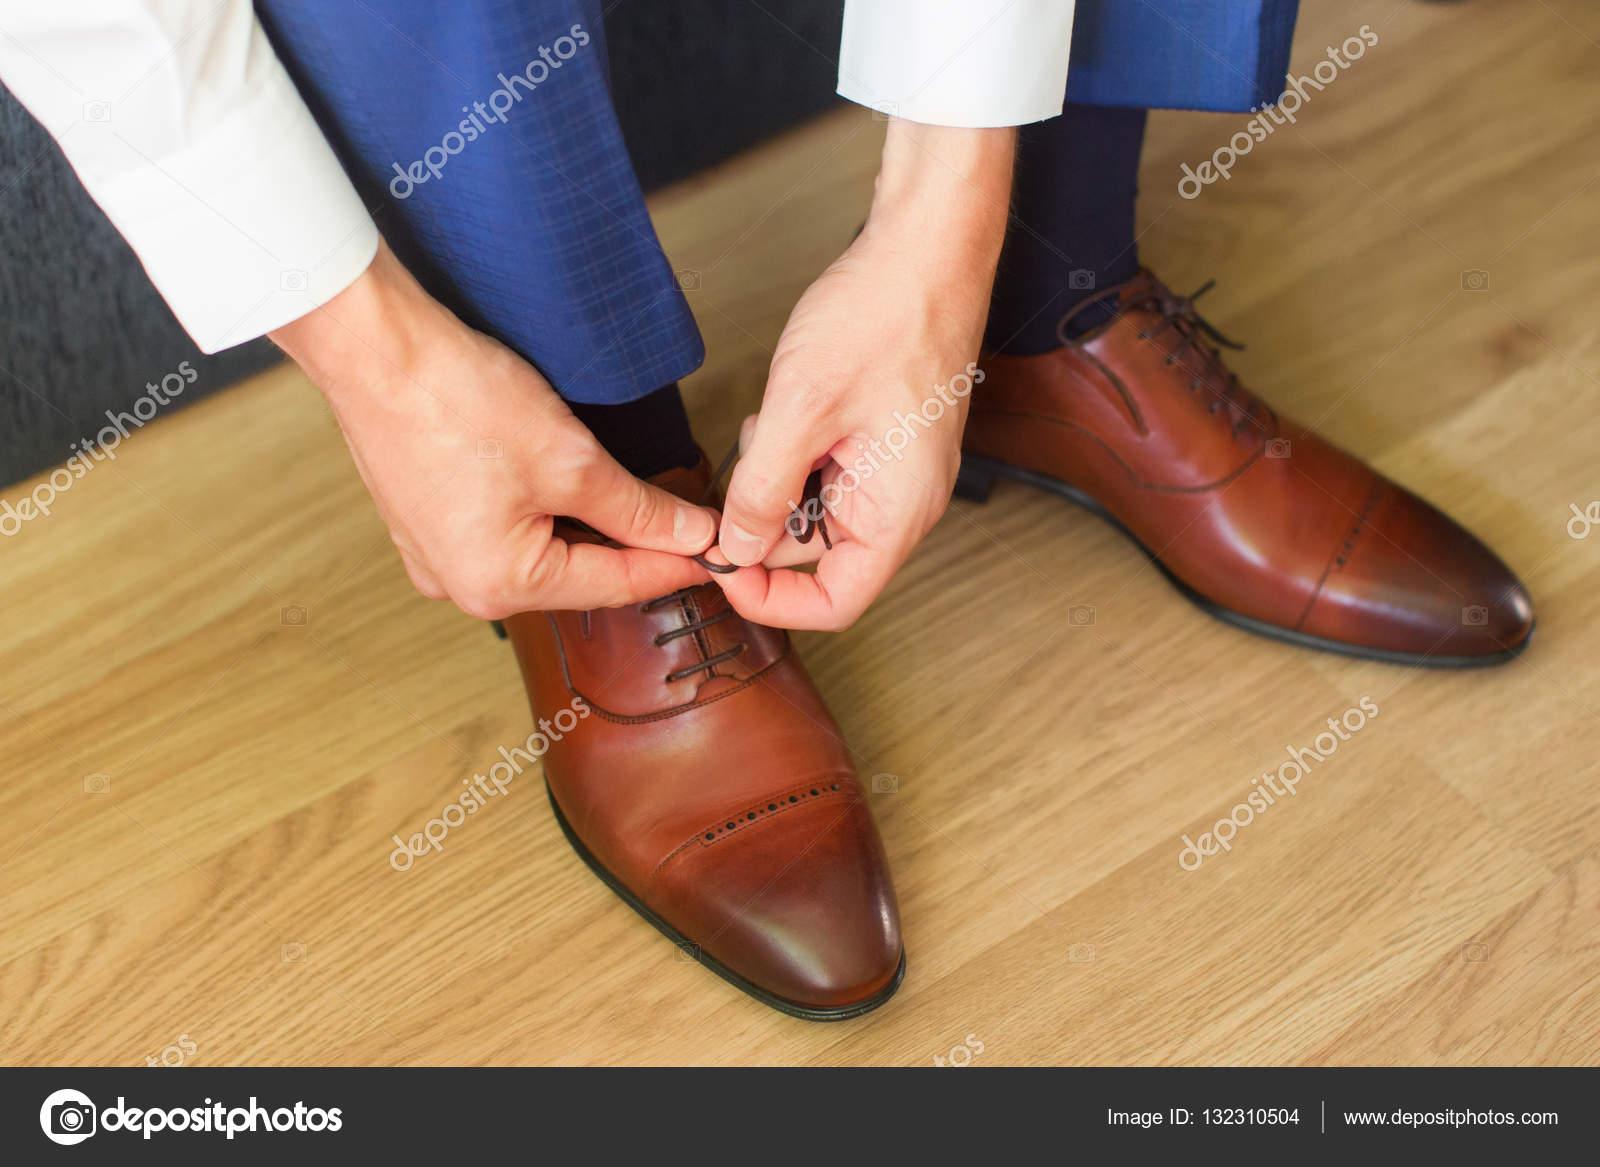 Atar Hombre De Cordones Los Zapatos BxB7aPqr